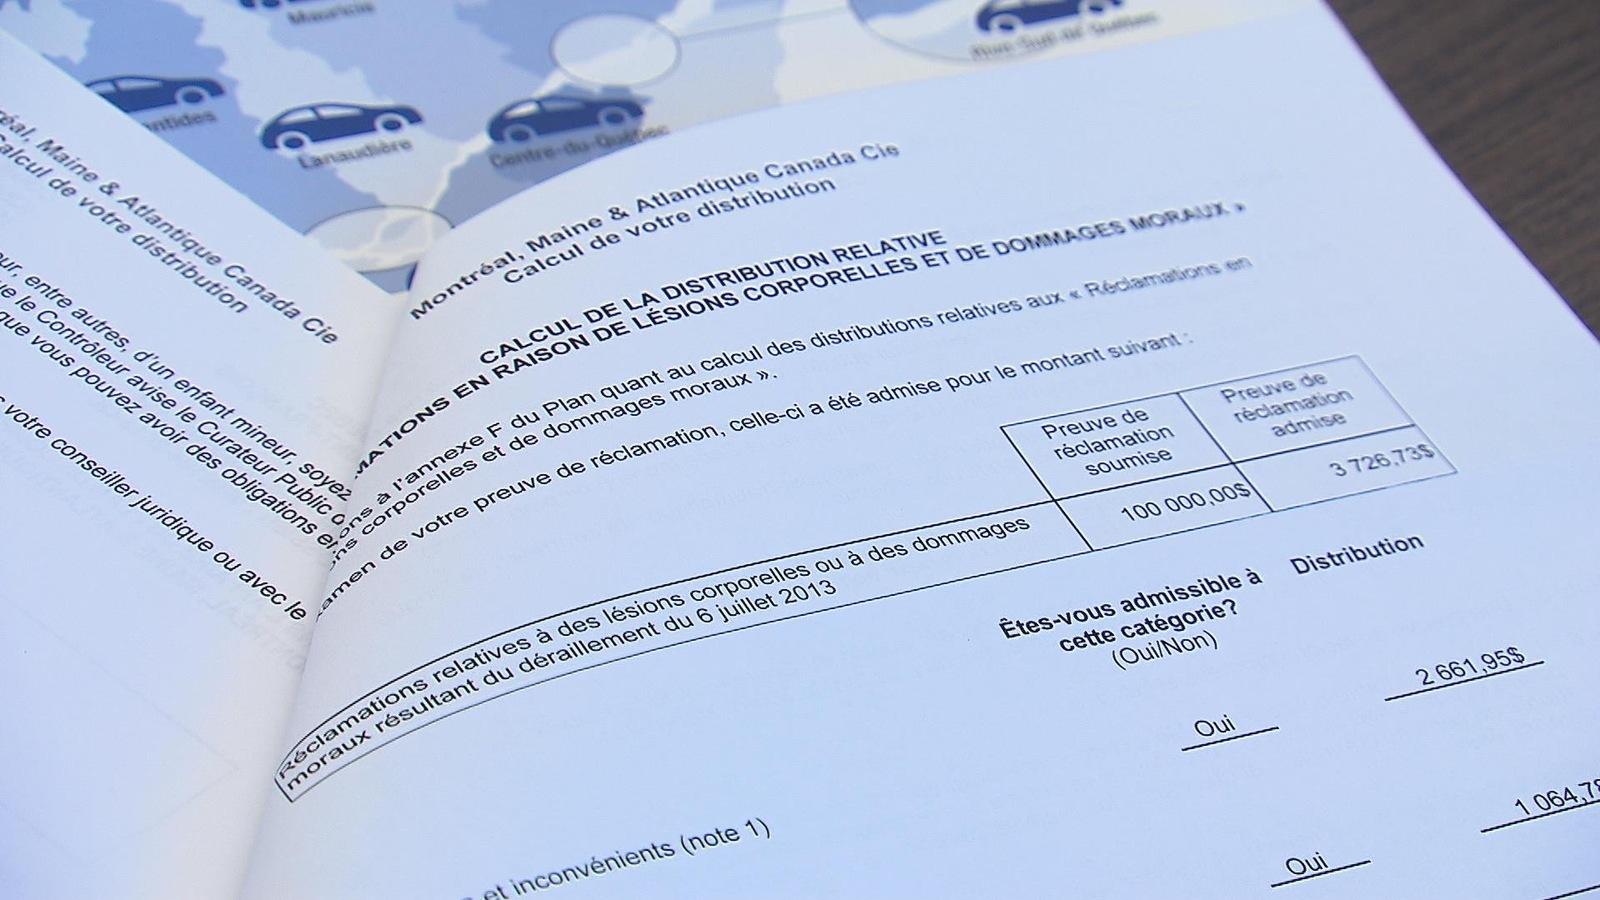 Pierre Campagna affirme ne pas avoir reçu son chèque, qui, selon lui, devrait s'élever à 3726 $.